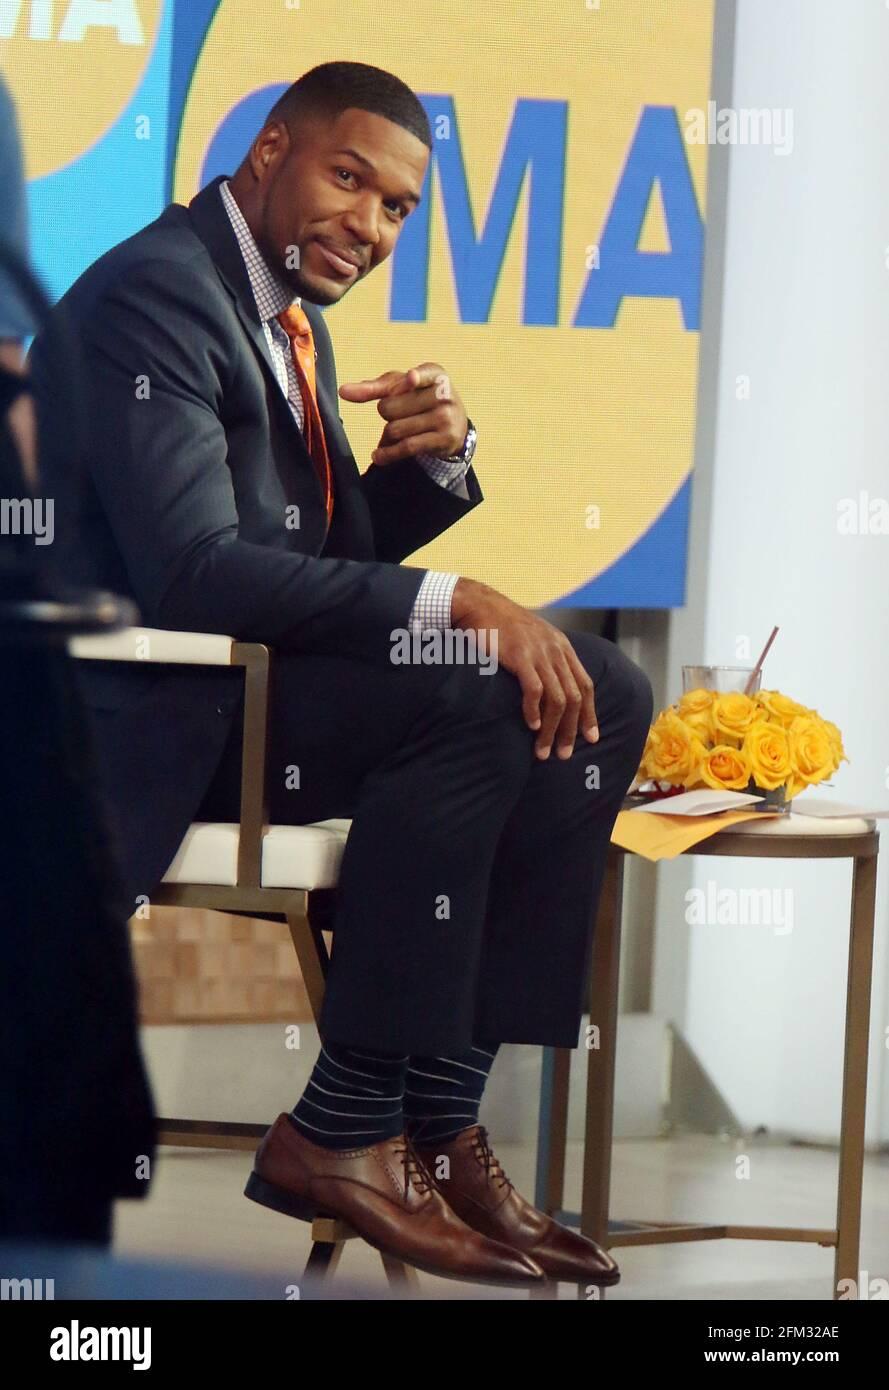 New York, NY, États-Unis. 5 mai 2021. Michael Strahan sur le set de Good Morning America à New York le 05 mai 2021. Crédit : RW/Media Punch/Alamy Live News Banque D'Images